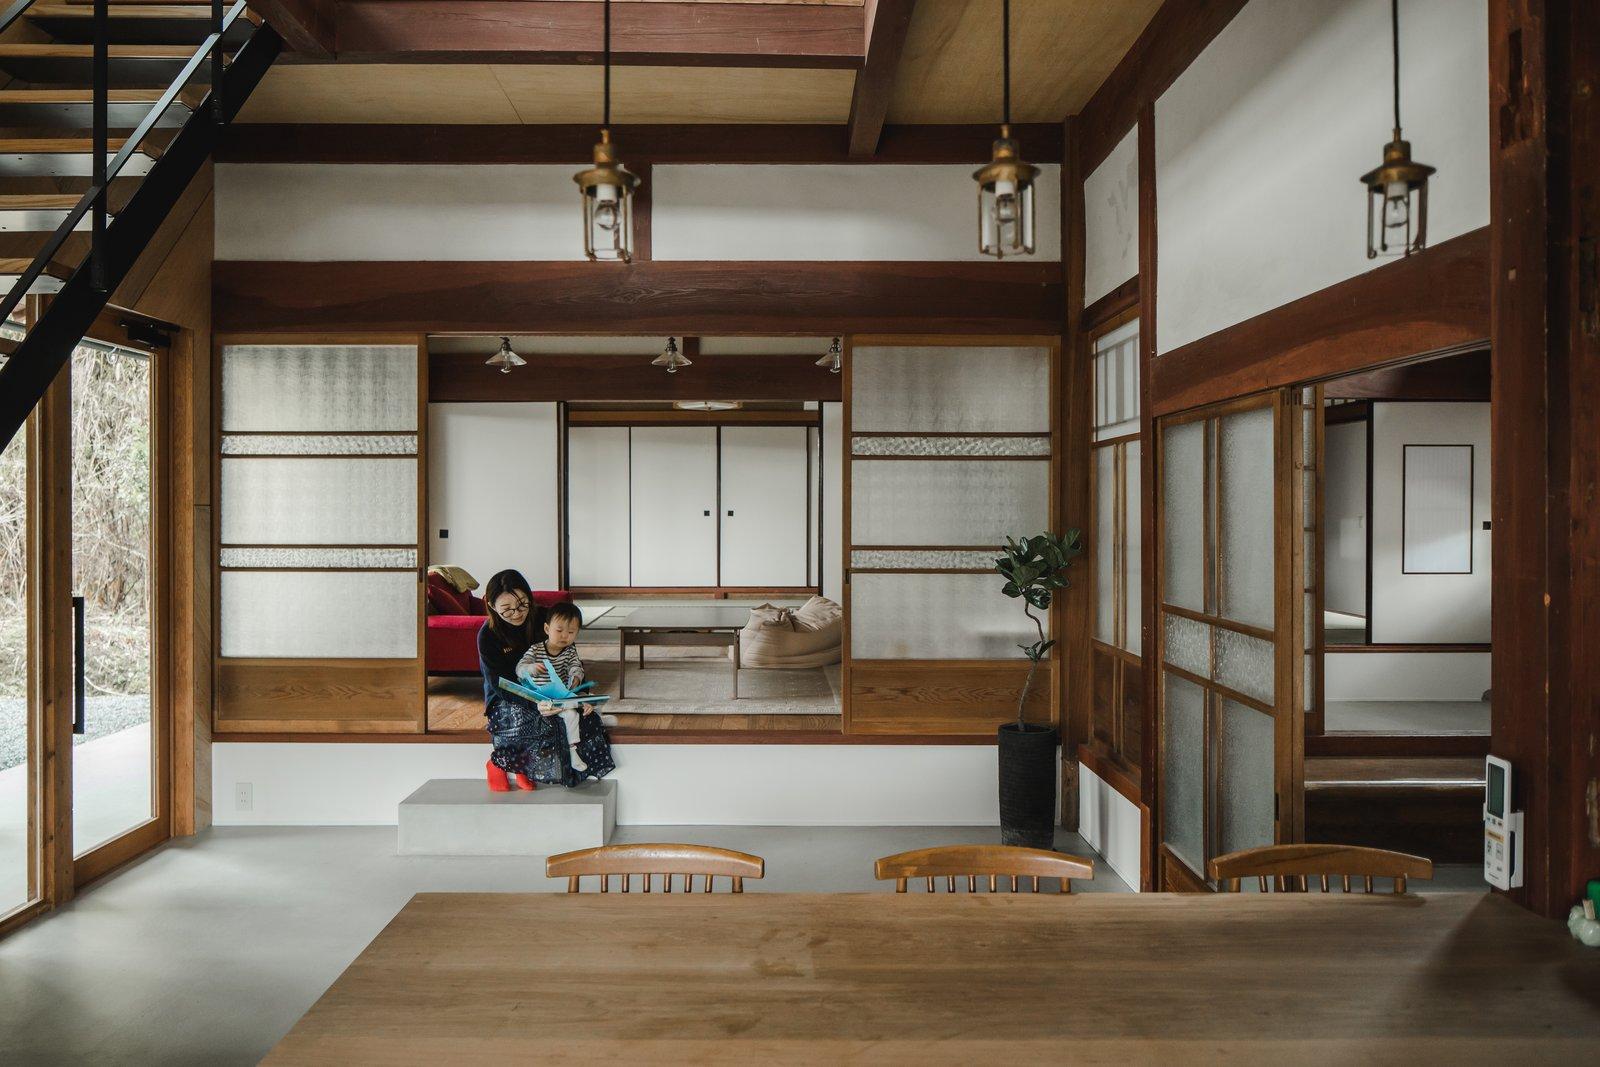 Une Maison Traditionnelle Japonaise R 233 Nov 233 E Lili In